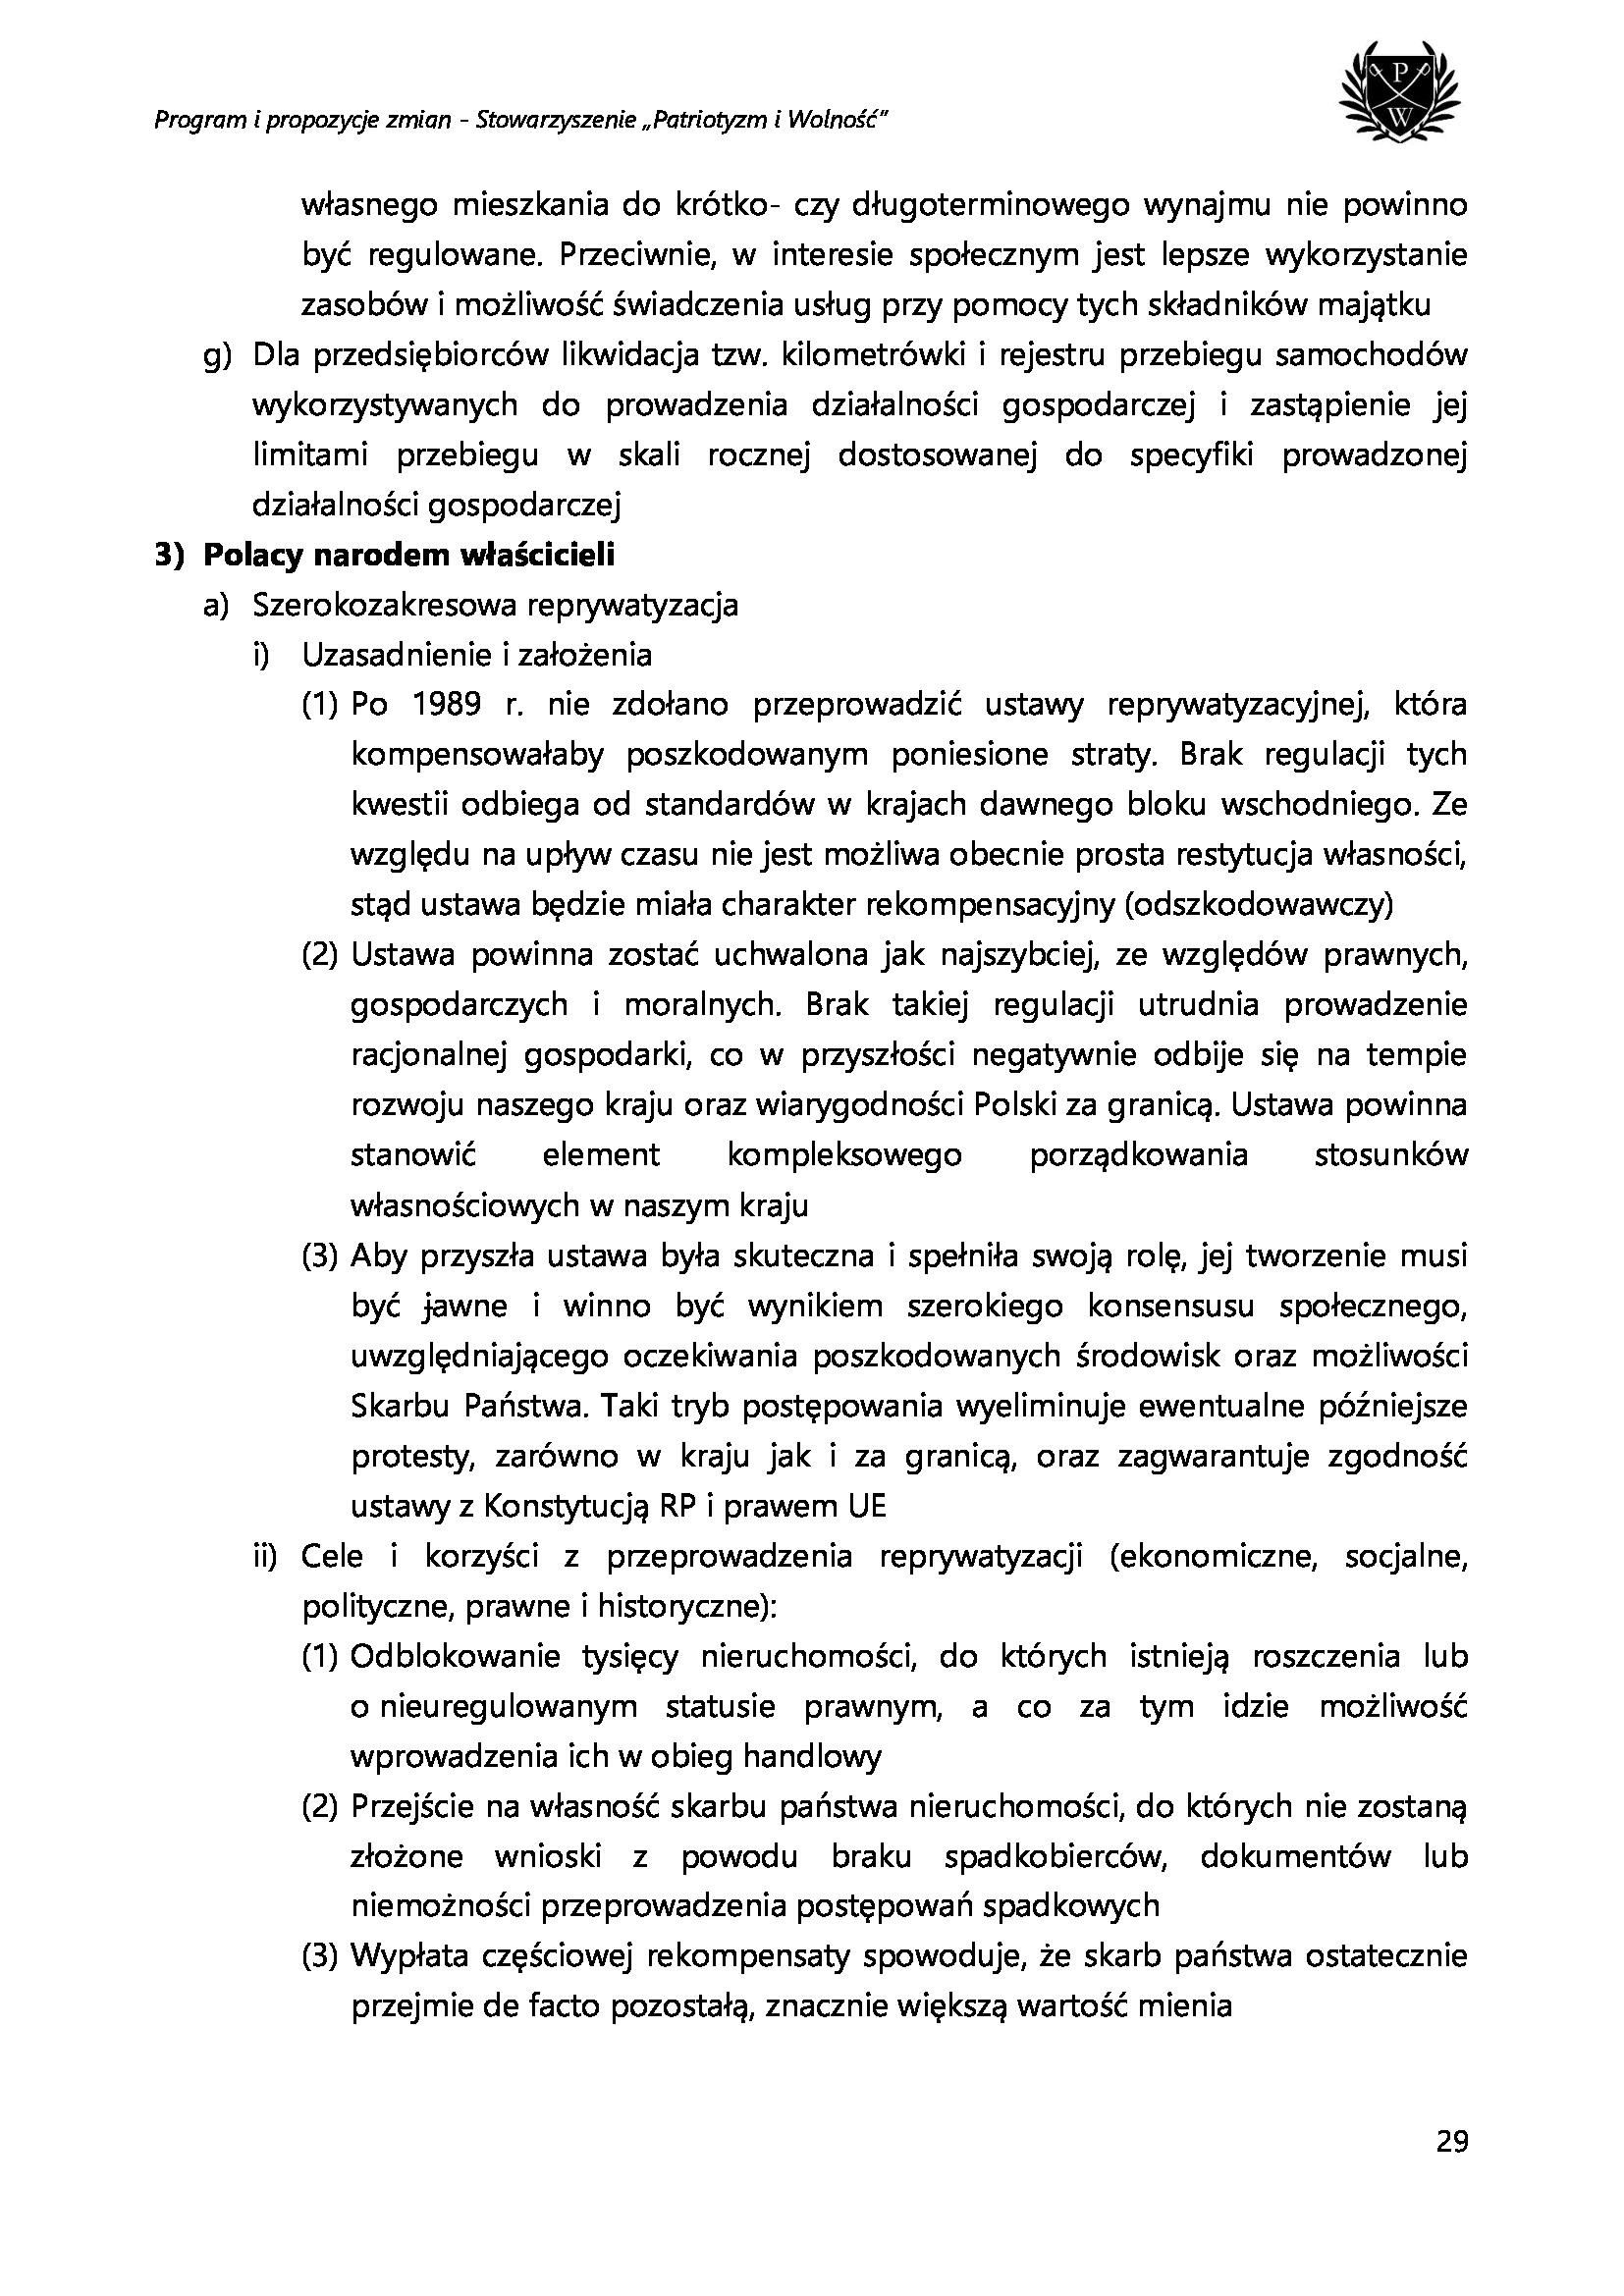 db9e272ef5a9a2e66d26f1905be6c507-29